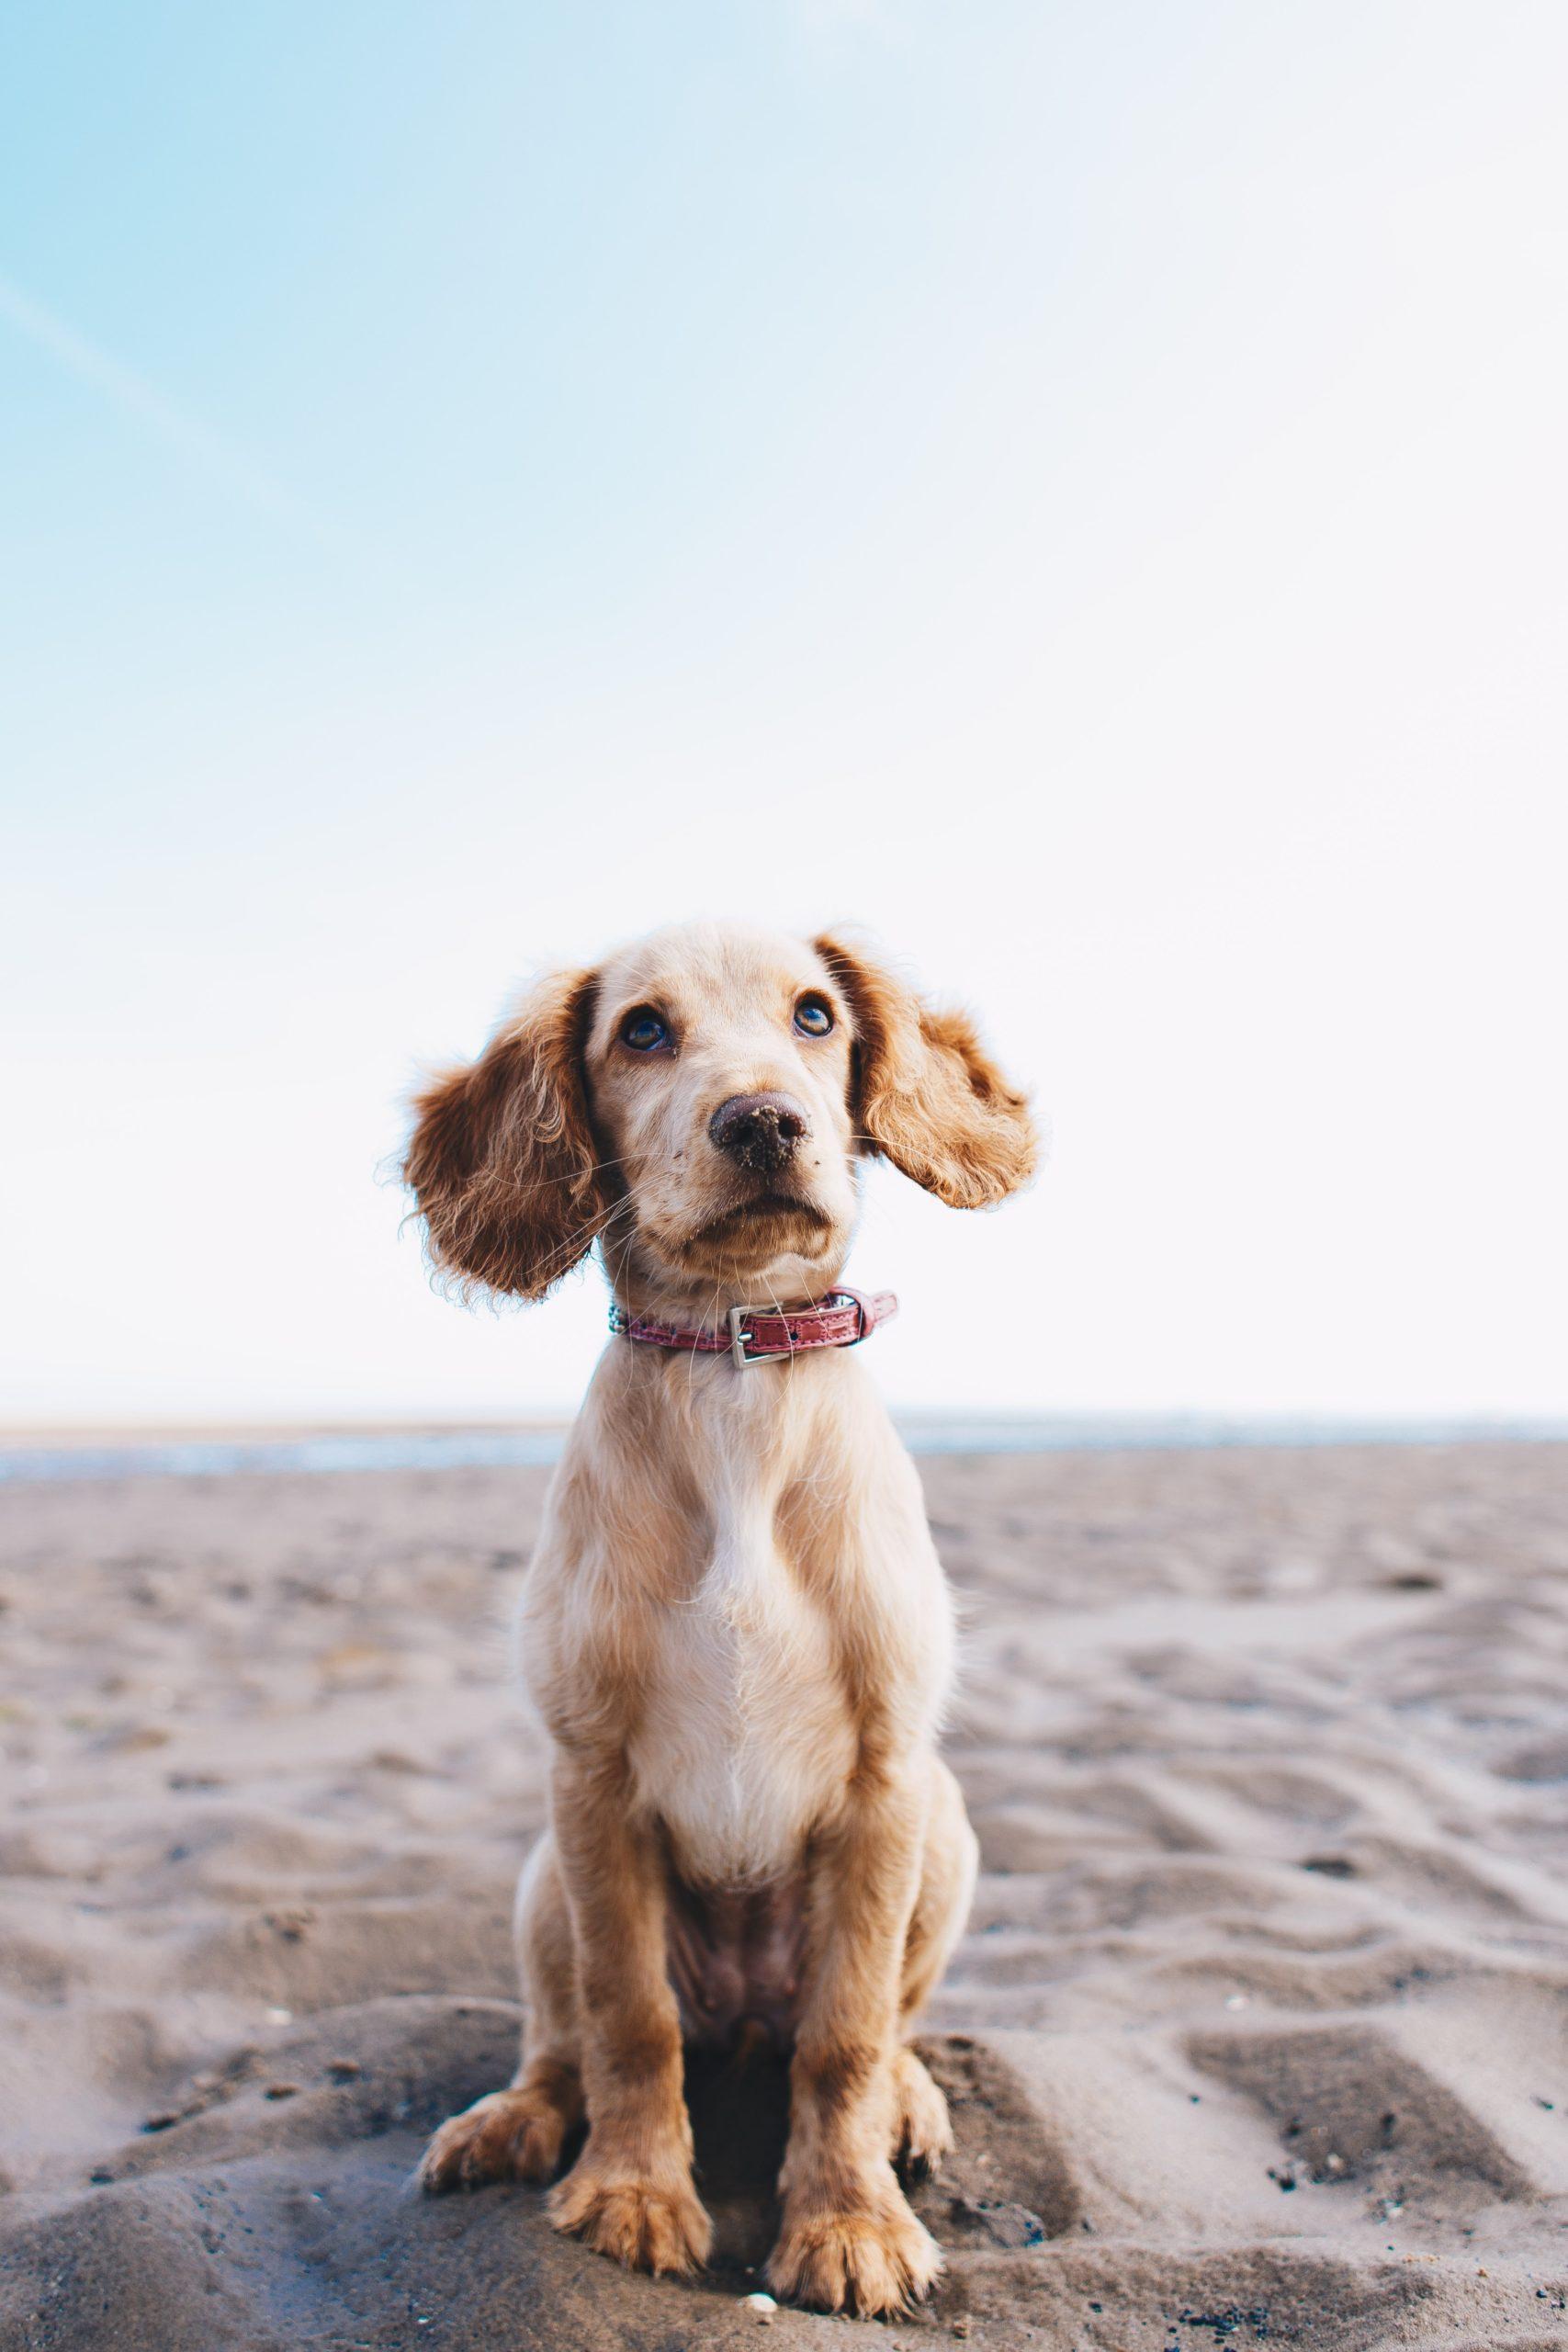 dog sitting on beach